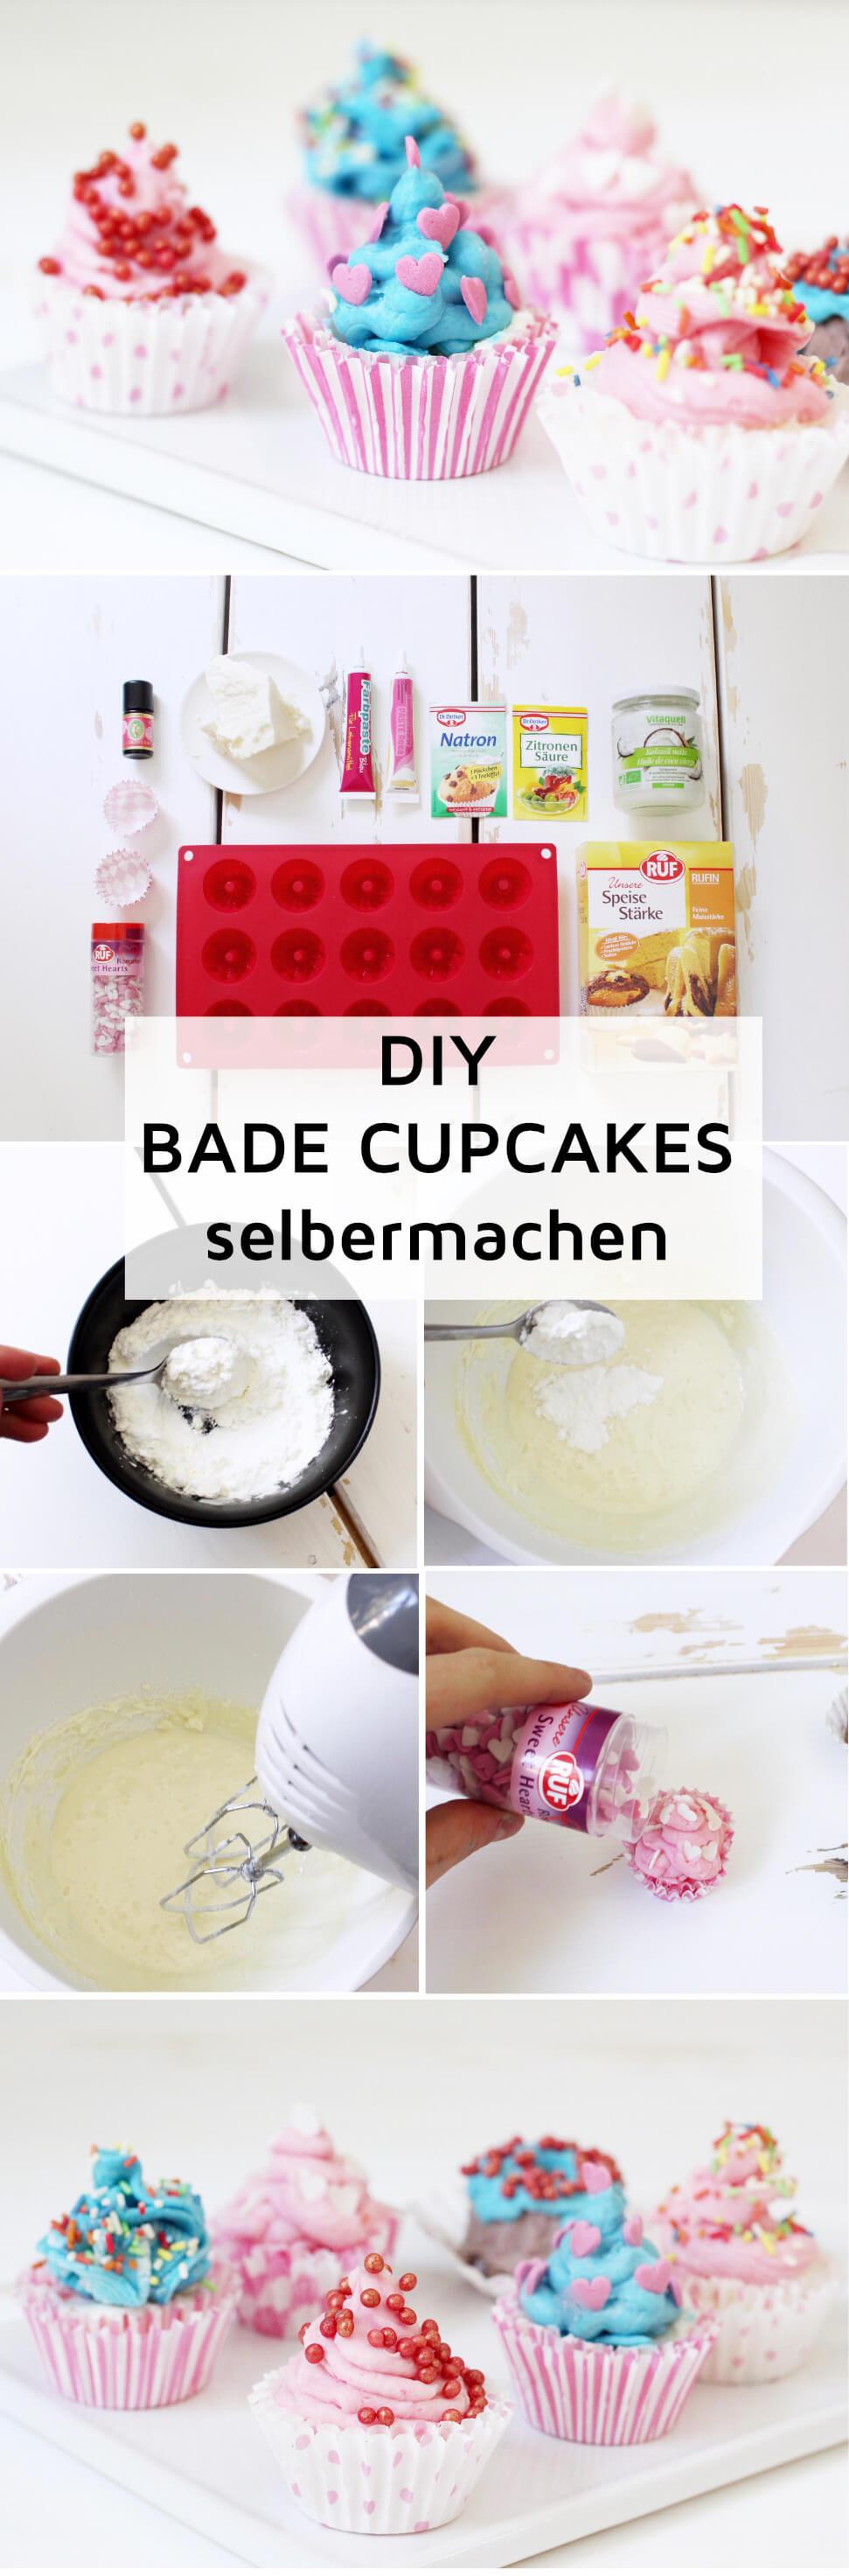 diy-badecupcakes-badebomben-kosmetik-selbermachen-diy-blog